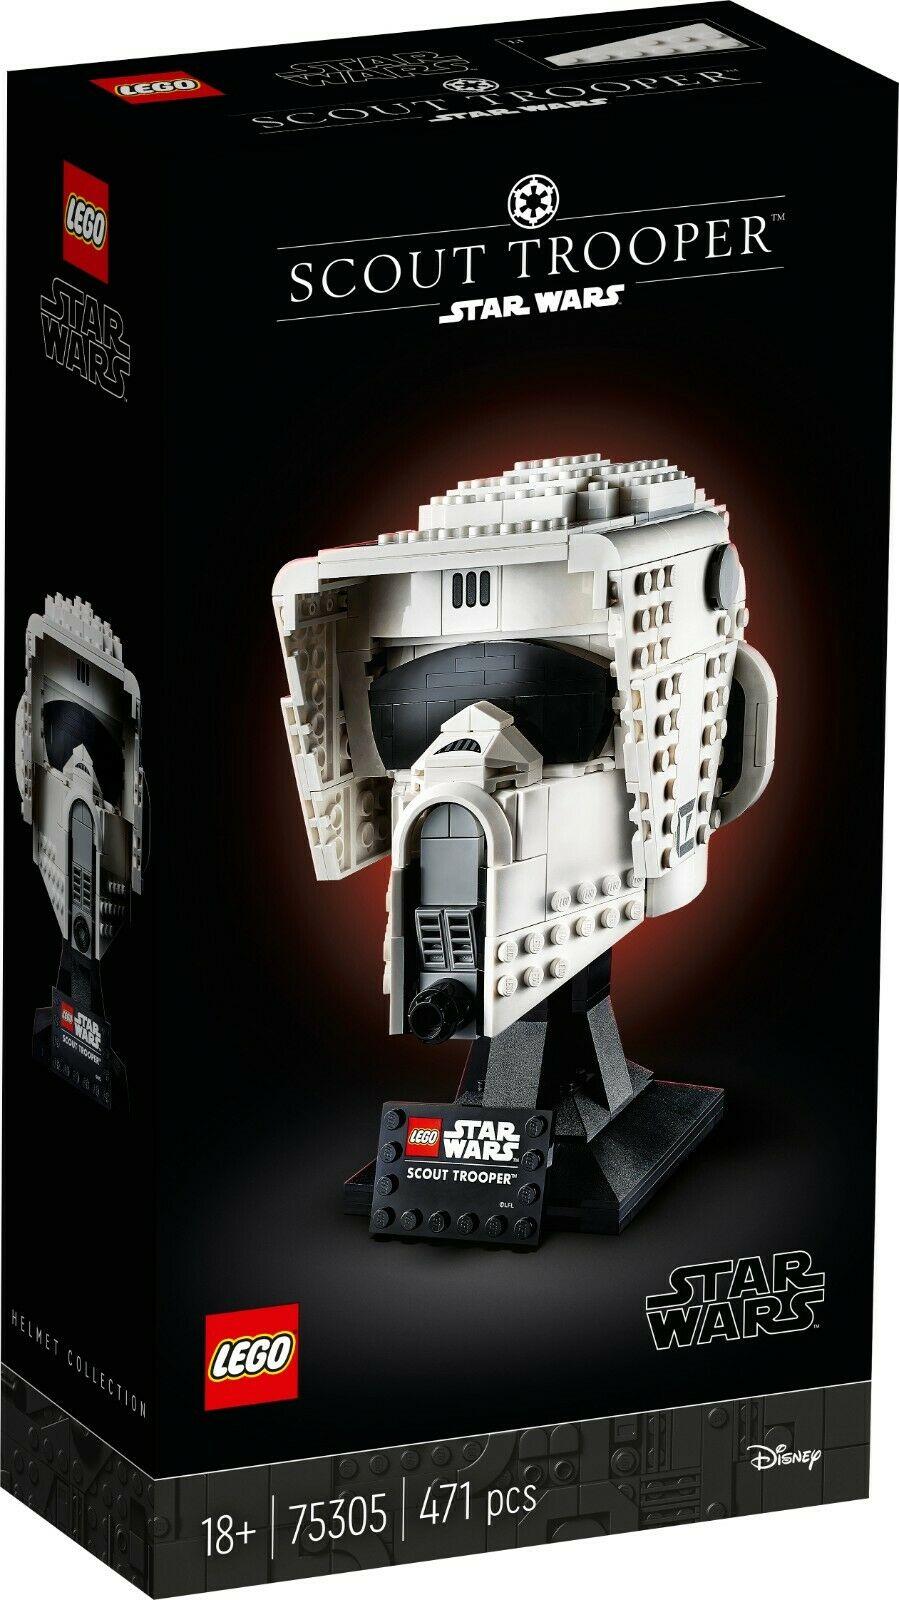 LEGO Star Wars 75305 Scout Trooper Helmet £35.99 ebay / toybarnhaus